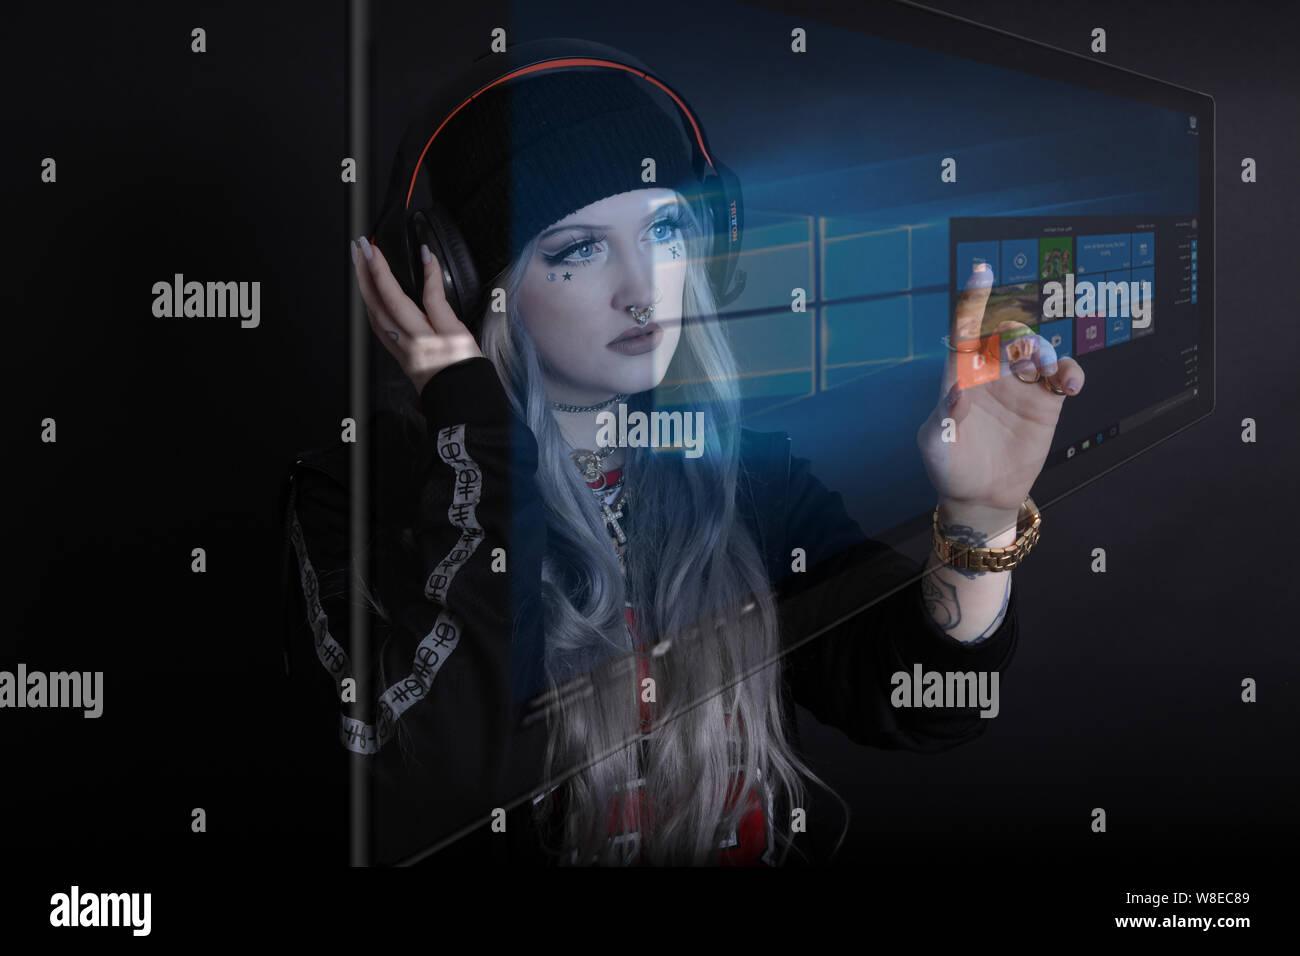 Moderne Millennial Interaktion mit Technologie, Microsoft Surface, trägt Kopfhörer, mit Handgesten mit Virtual Reality-Bildschirm AI interagieren Stockfoto